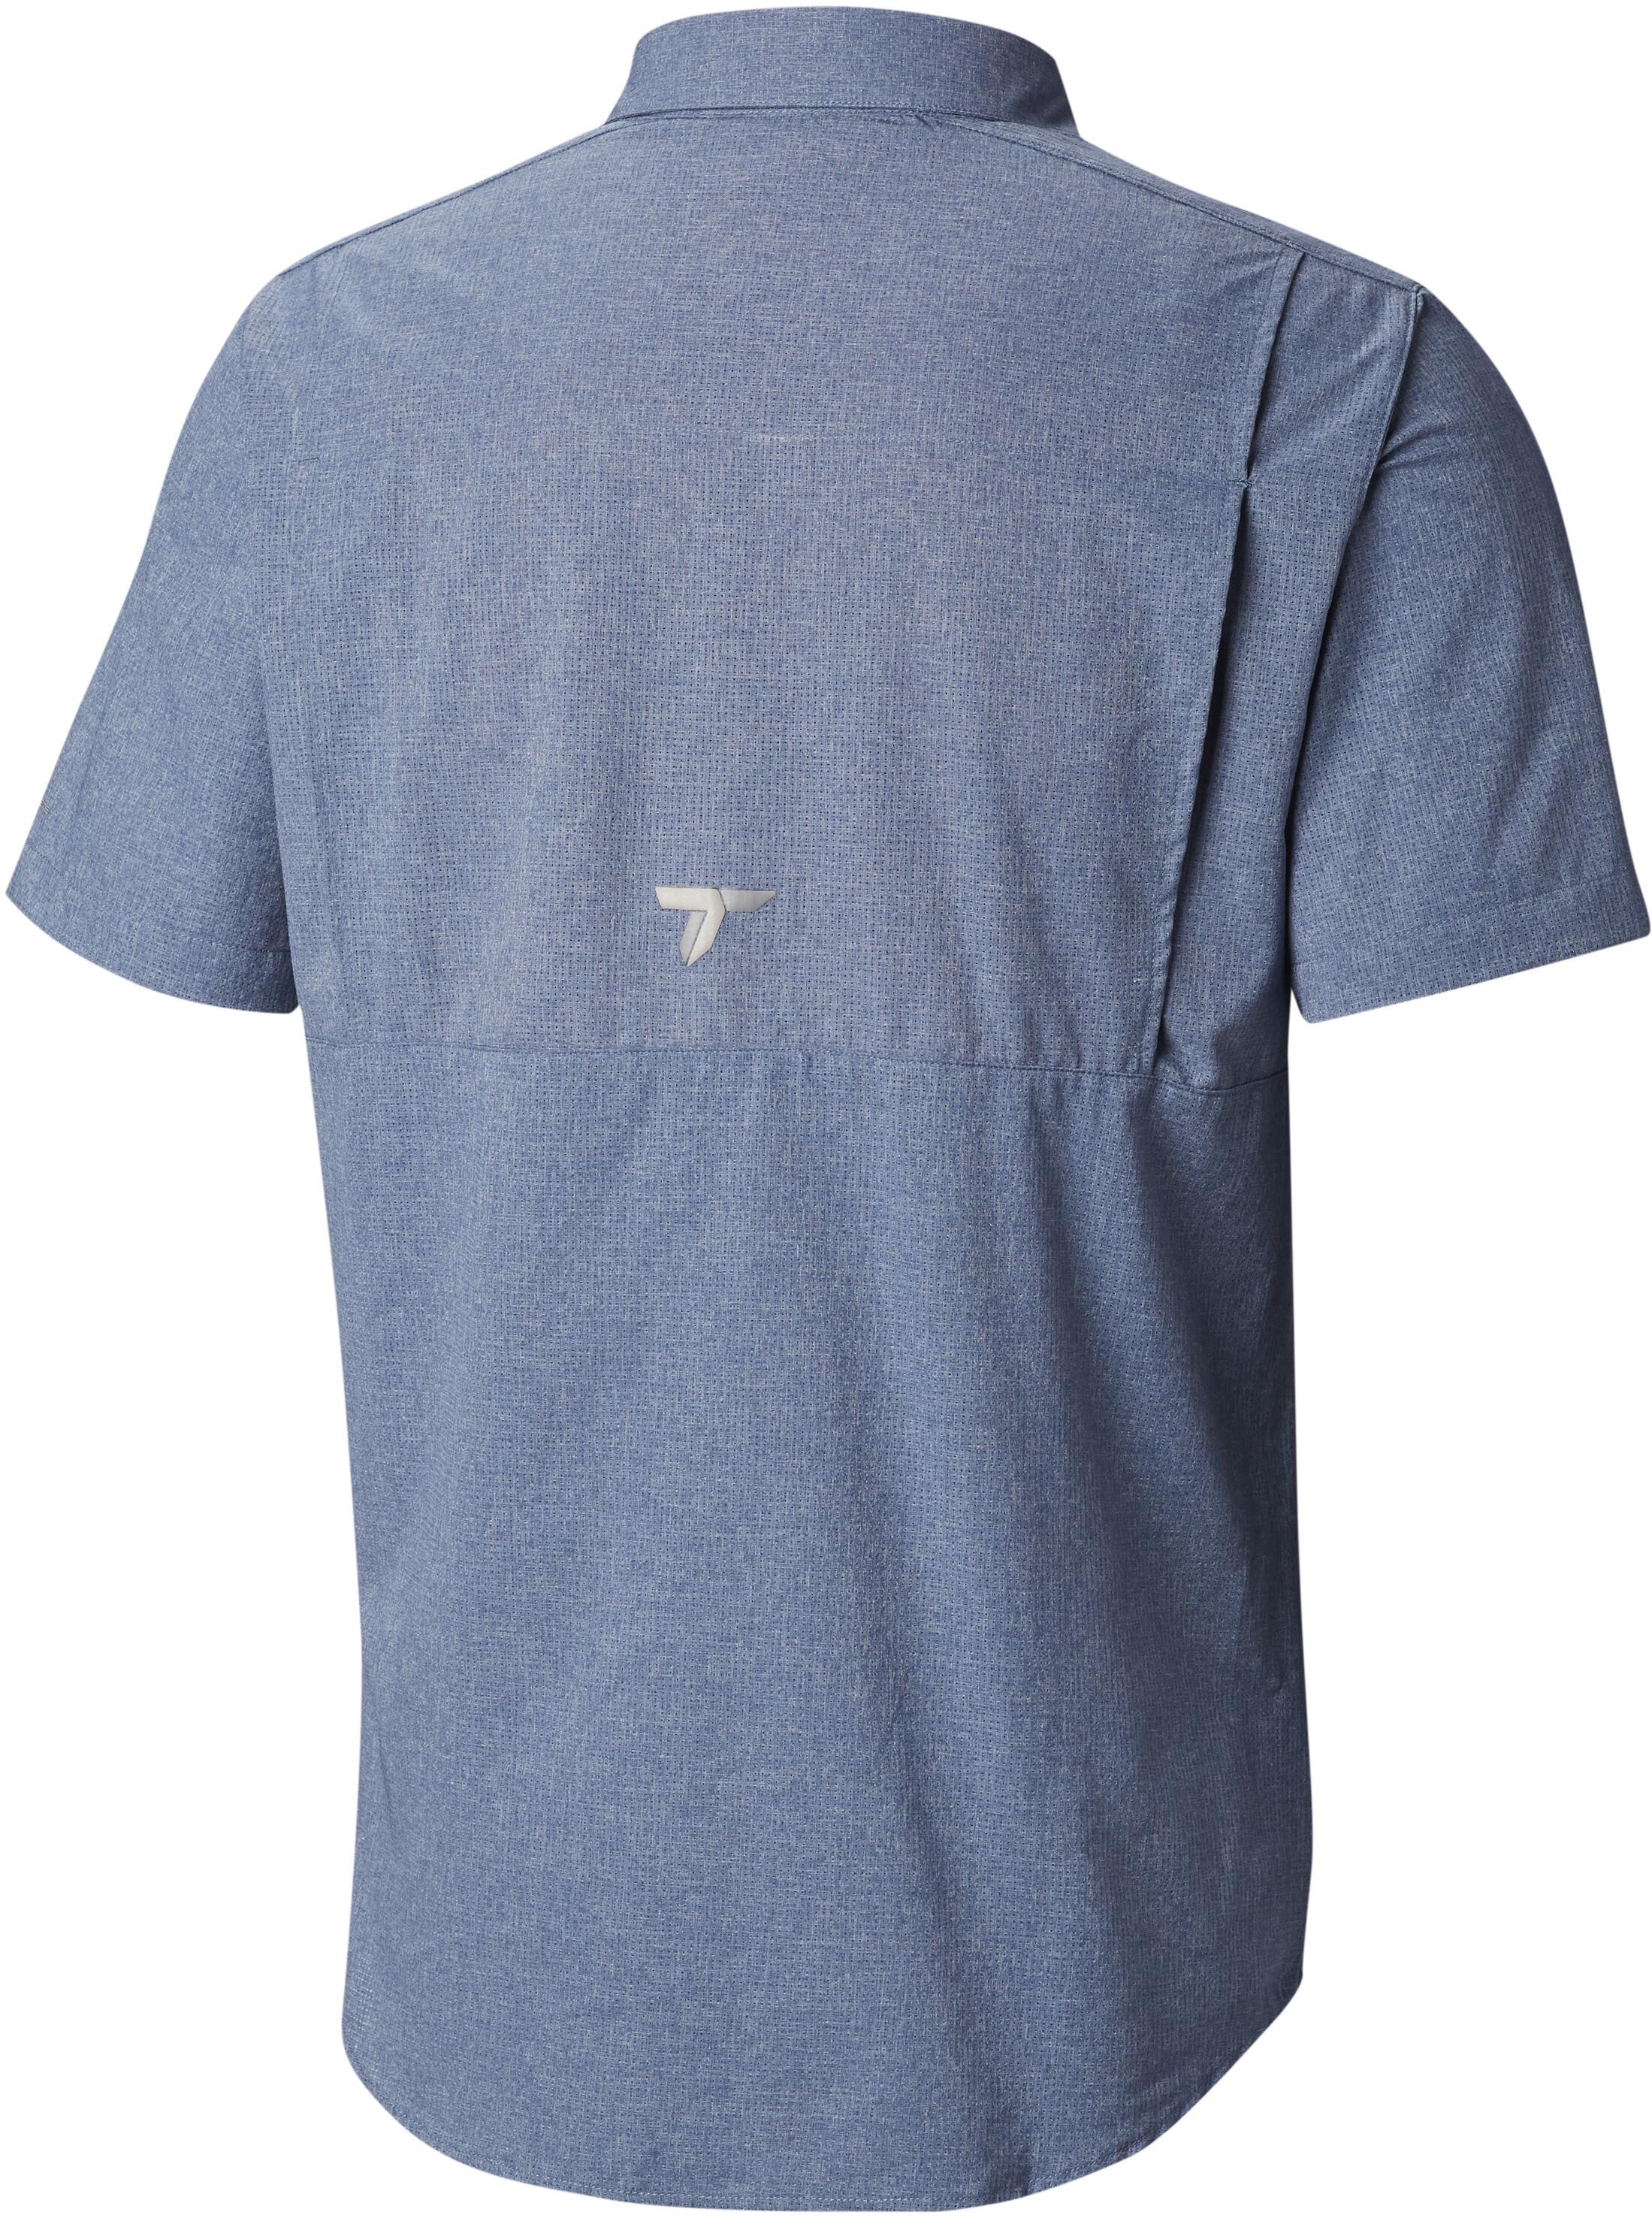 6e05b69e7a3 Columbia Irico Short Sleeve Shirt Men Mountain Heather | campz.de